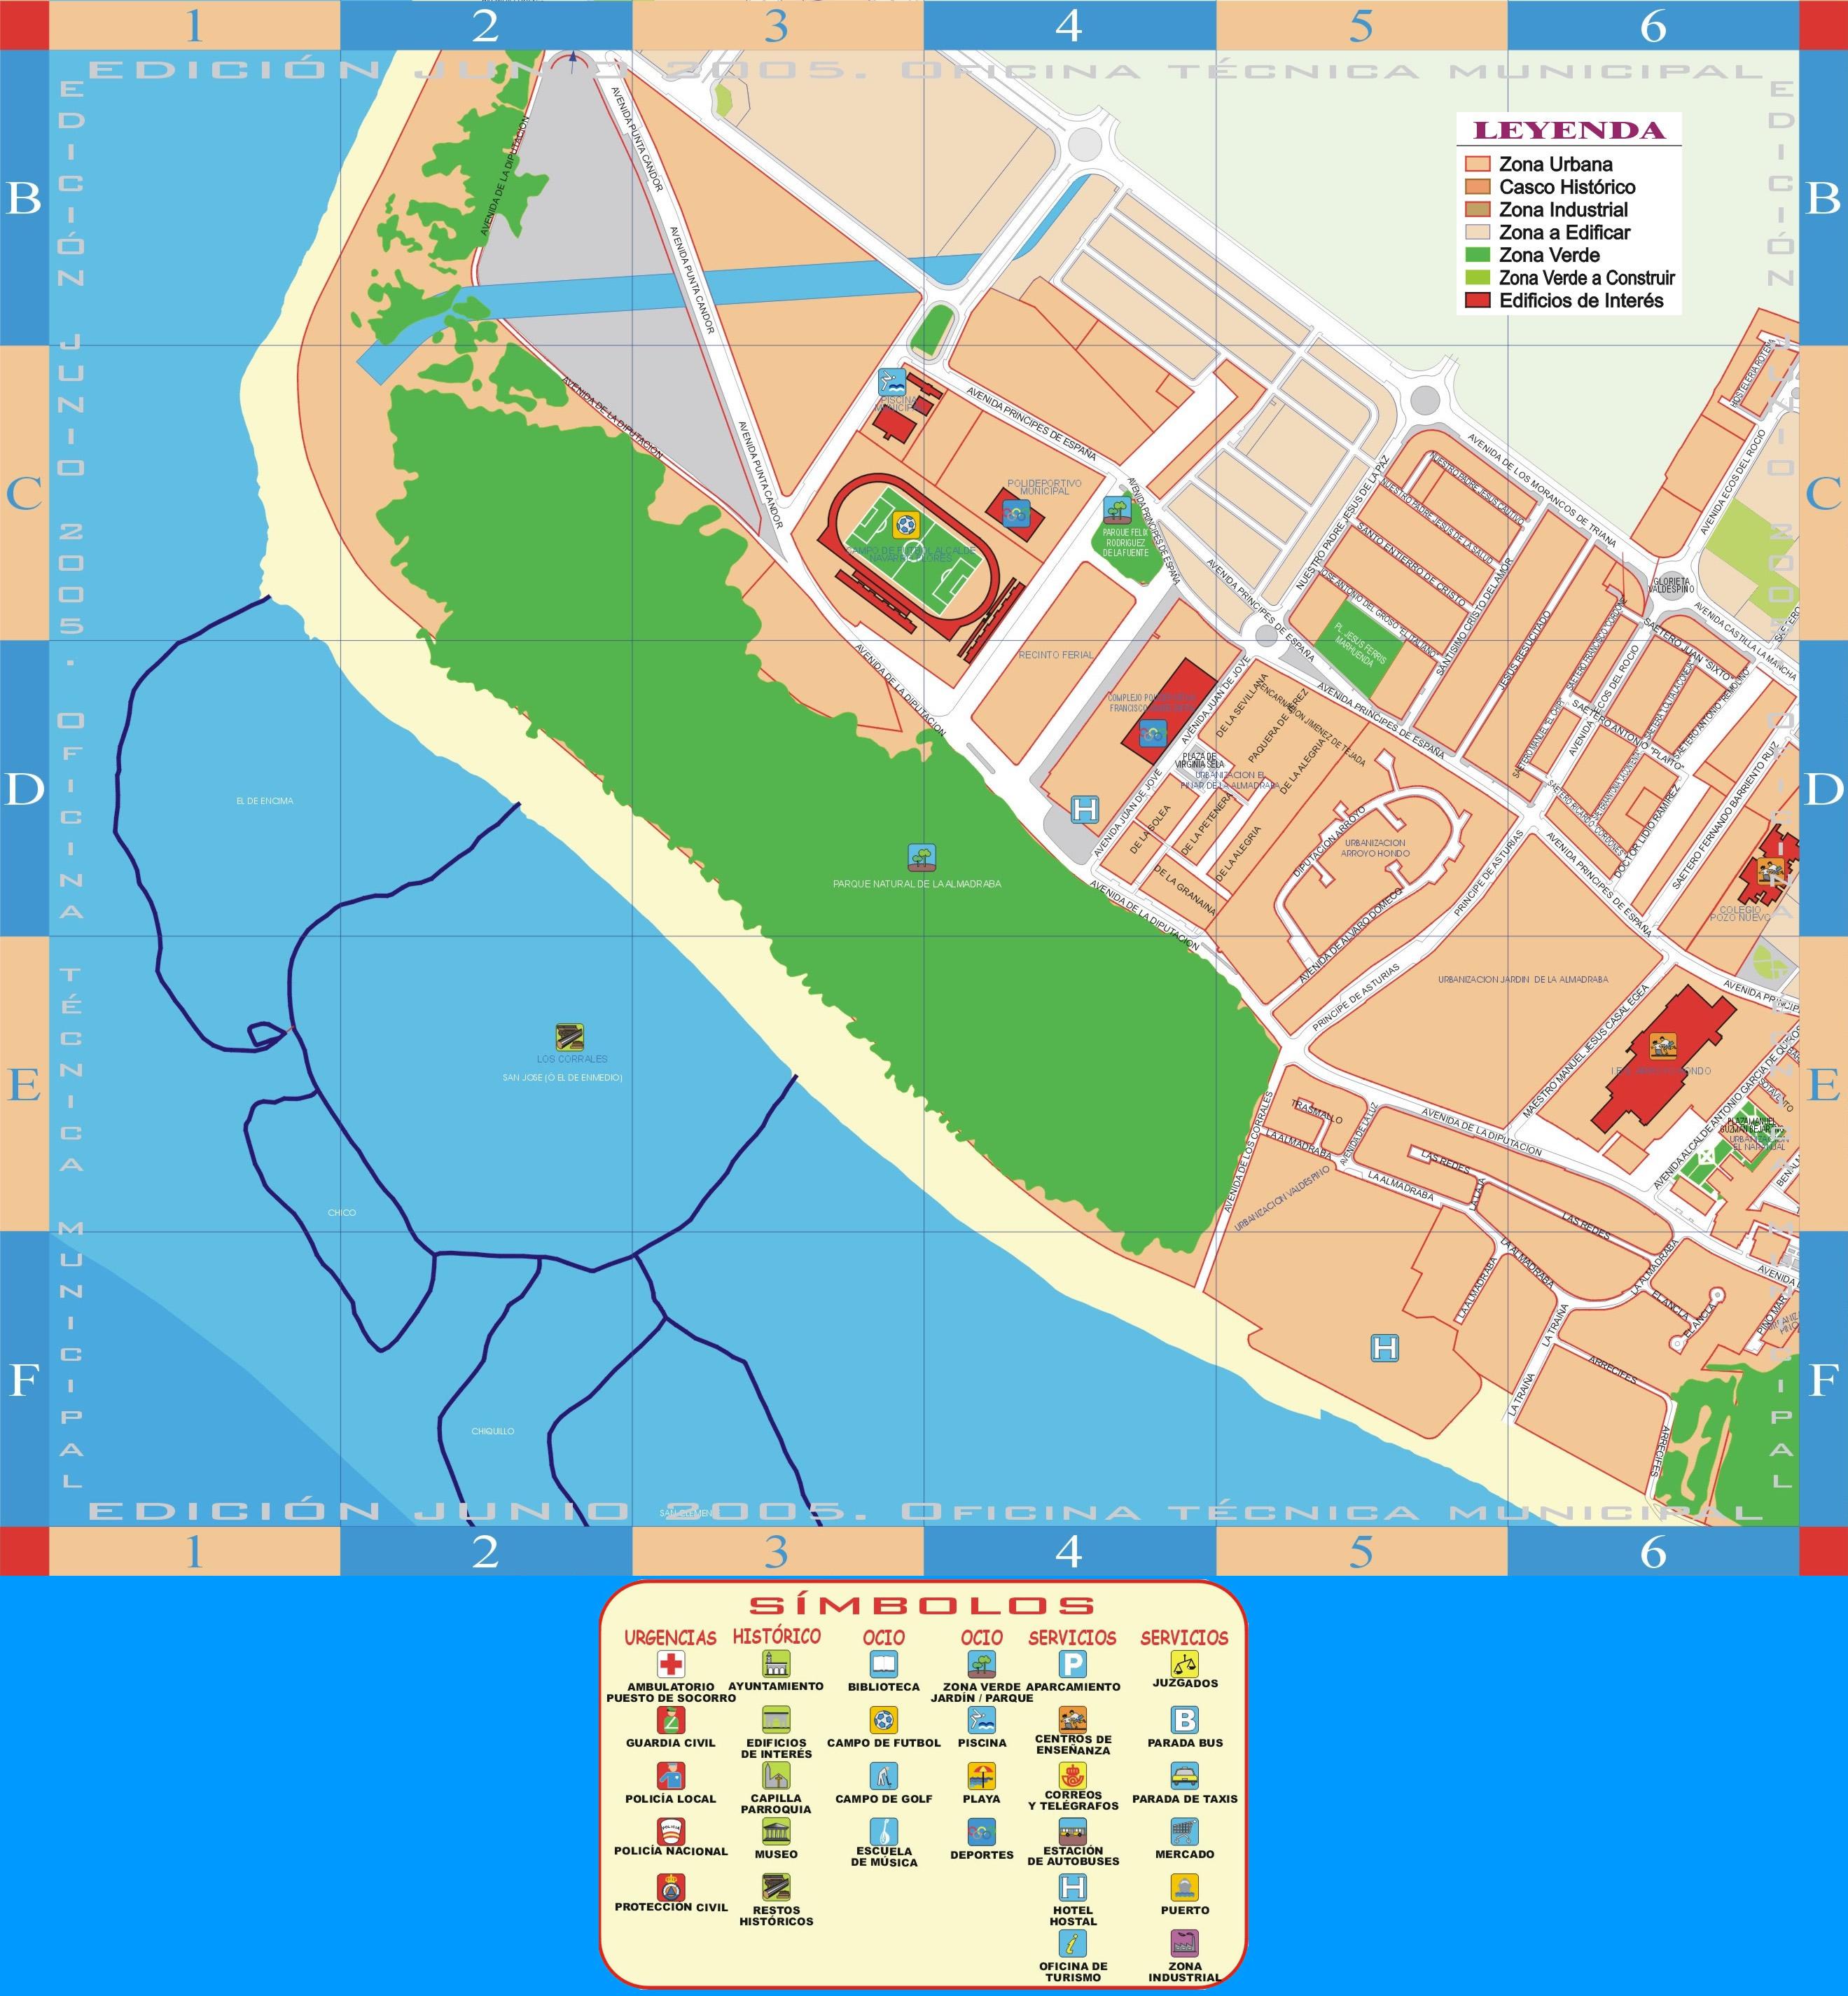 Mapa de Rota 2005 - parte 1